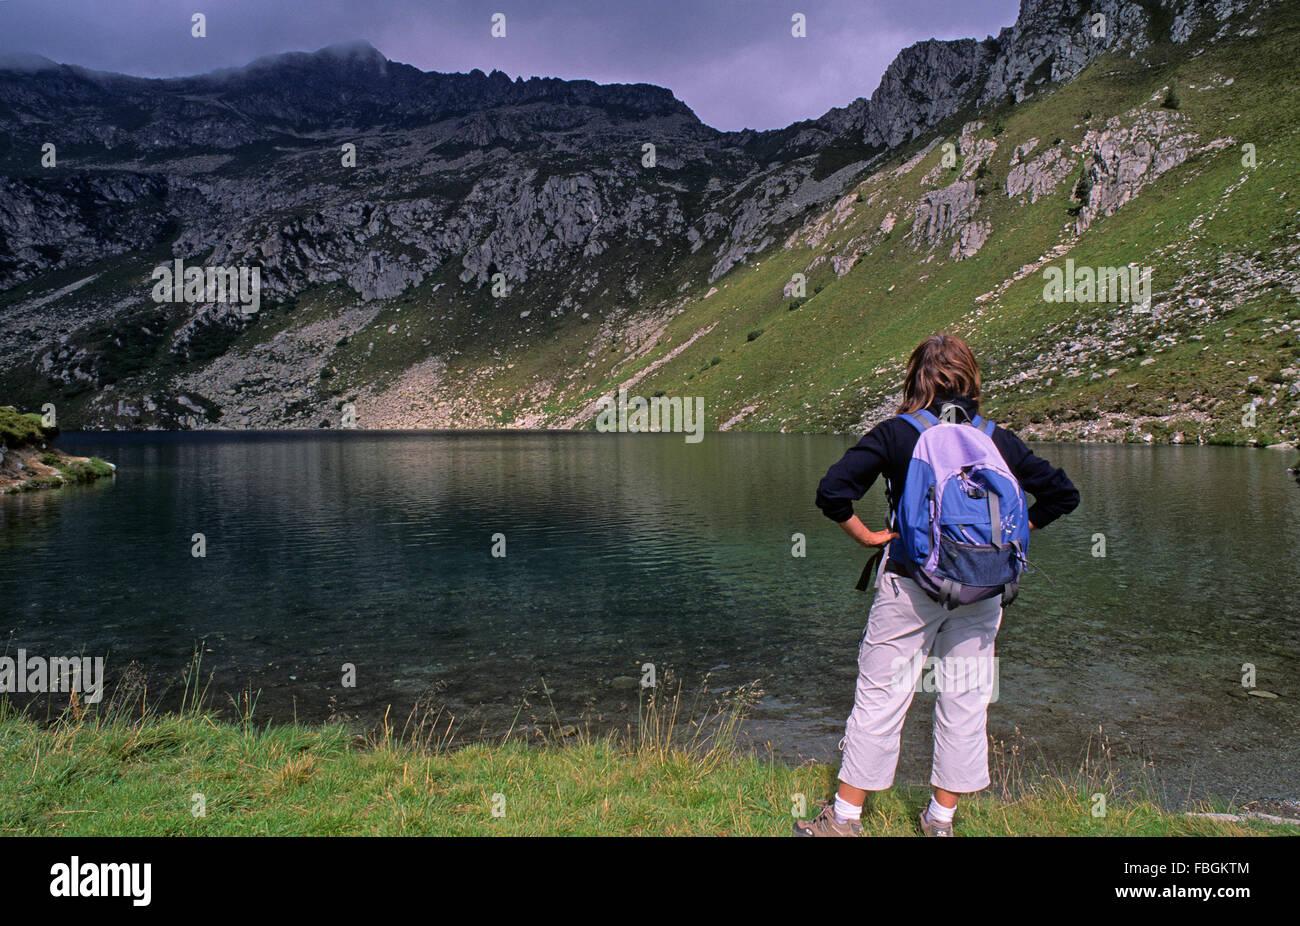 Lake Ritorto, Adamello Brenta Natural Park,  Madonna di Campiglio, Trentino, Italy - Stock Image